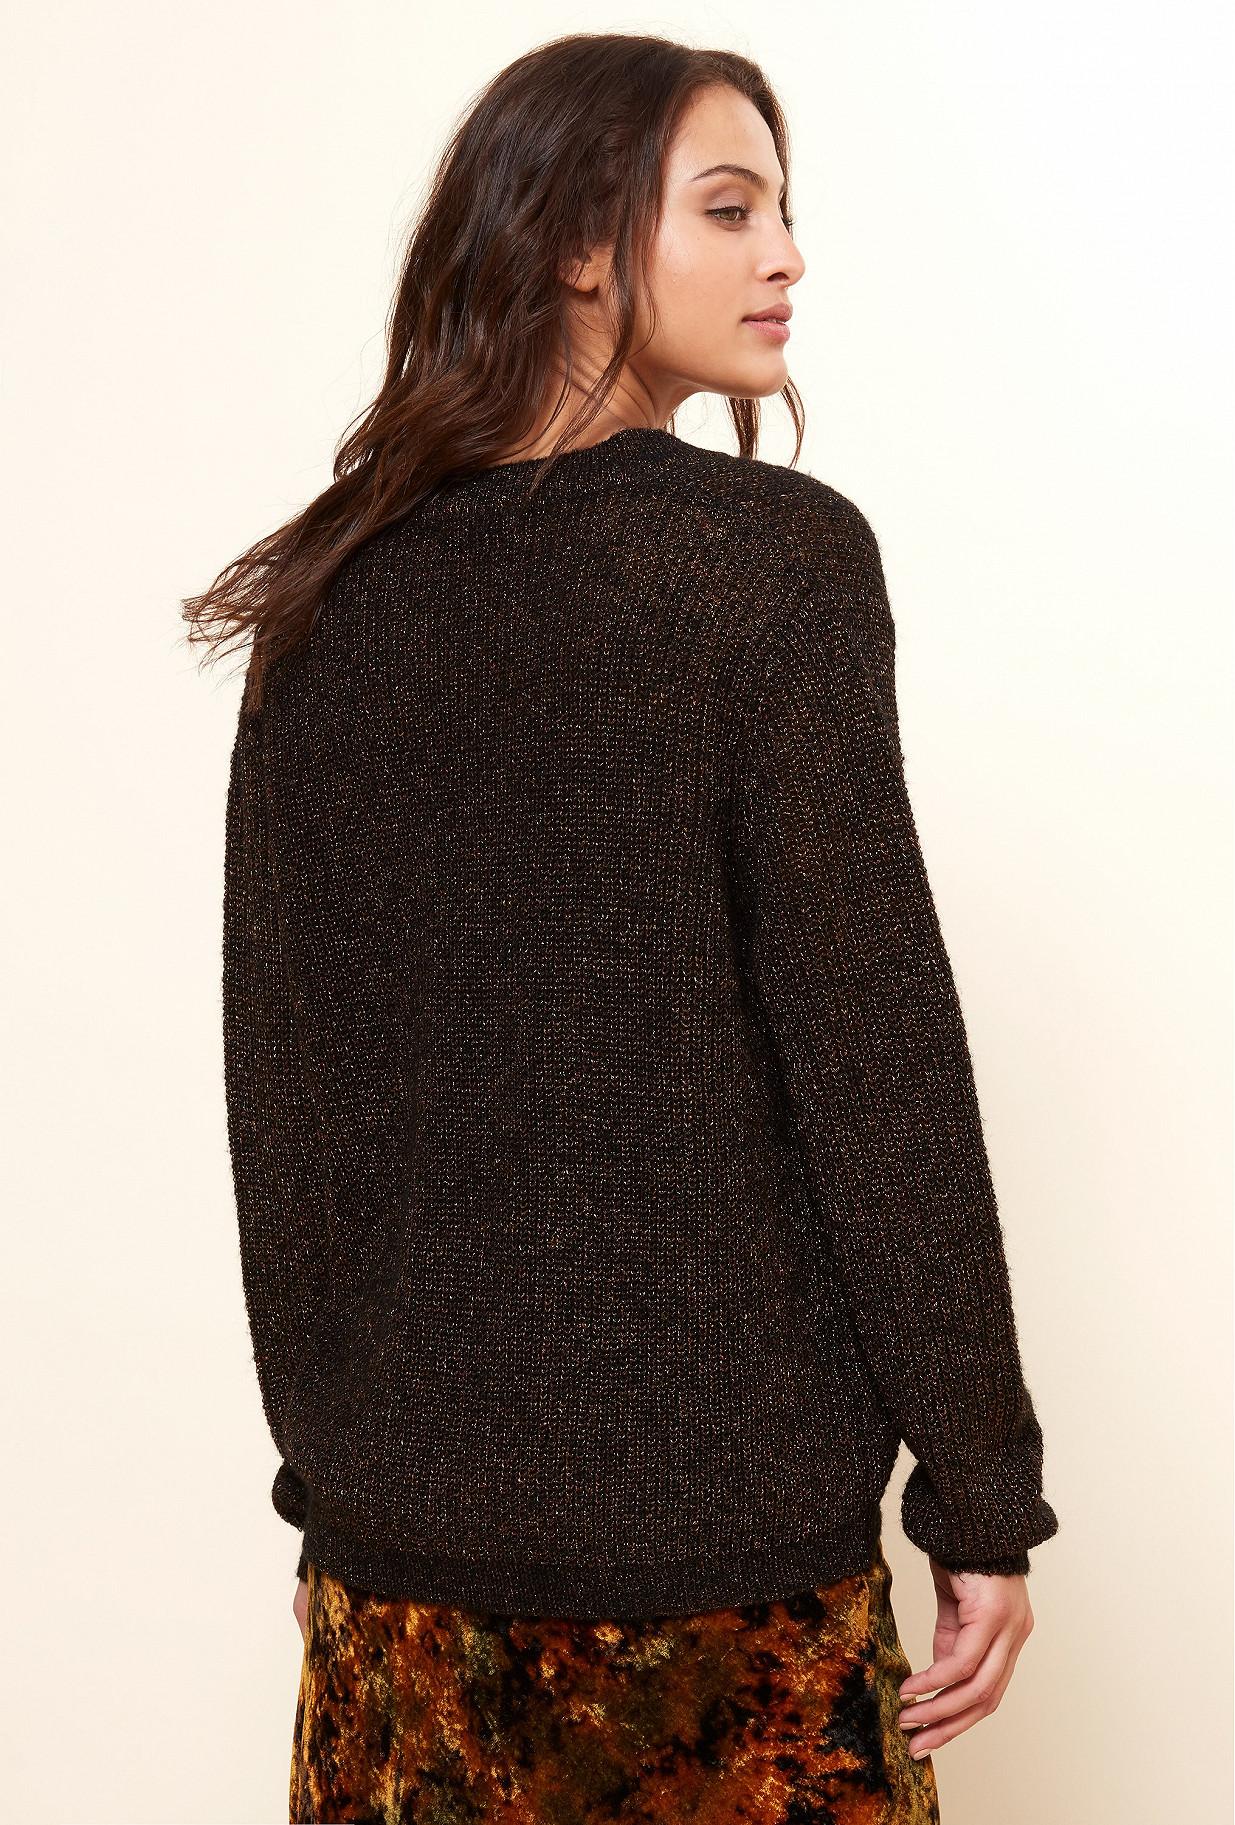 Bronze  Knit  Morisco Mes demoiselles fashion clothes designer Paris